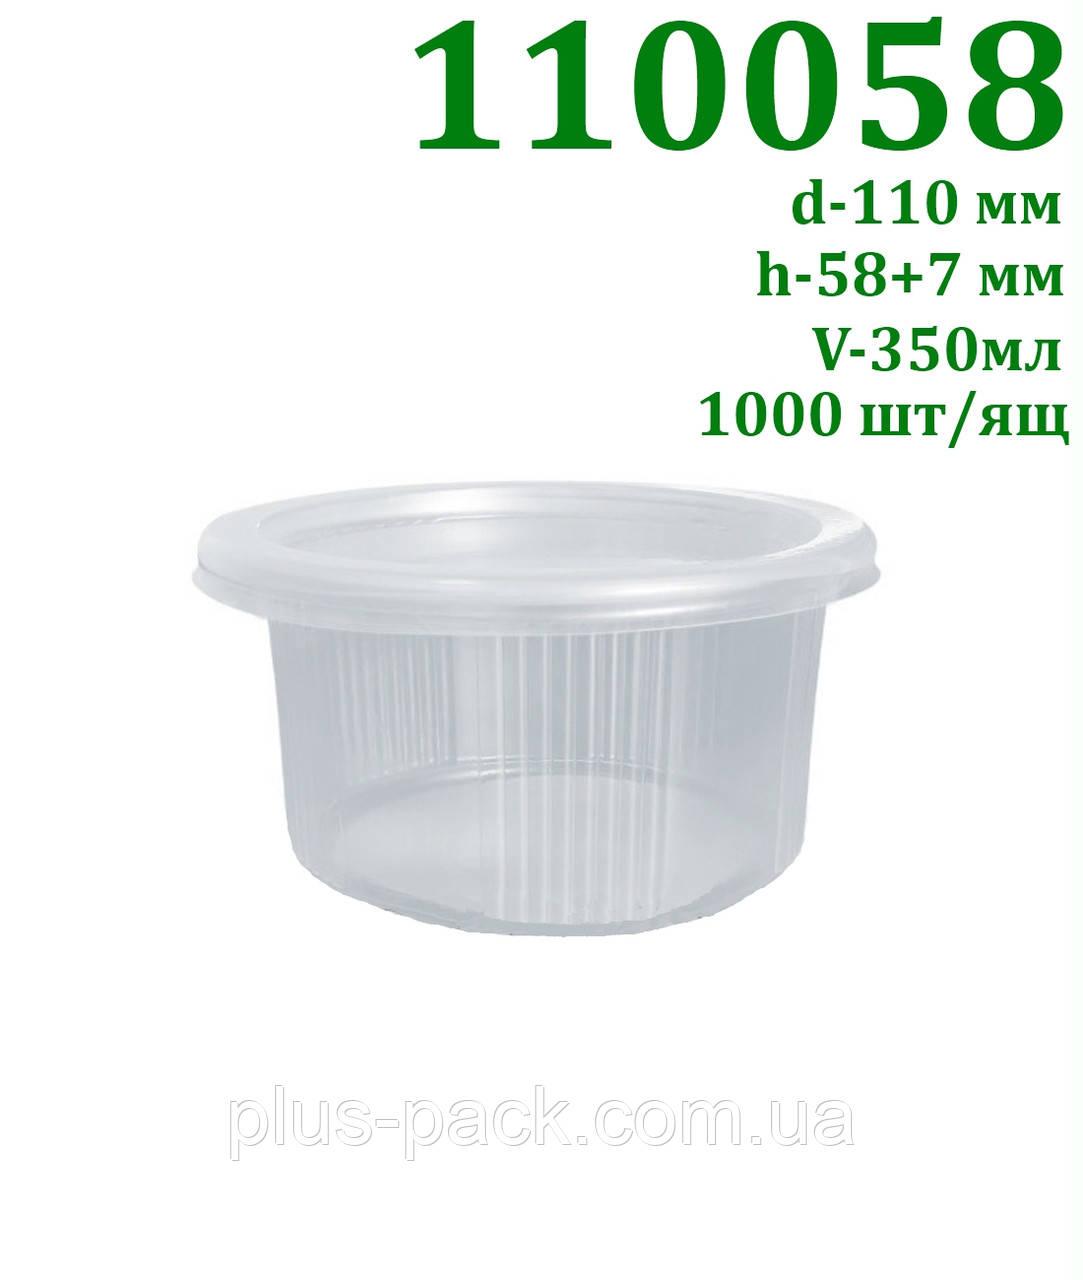 Одноразова упаковка для перших страв